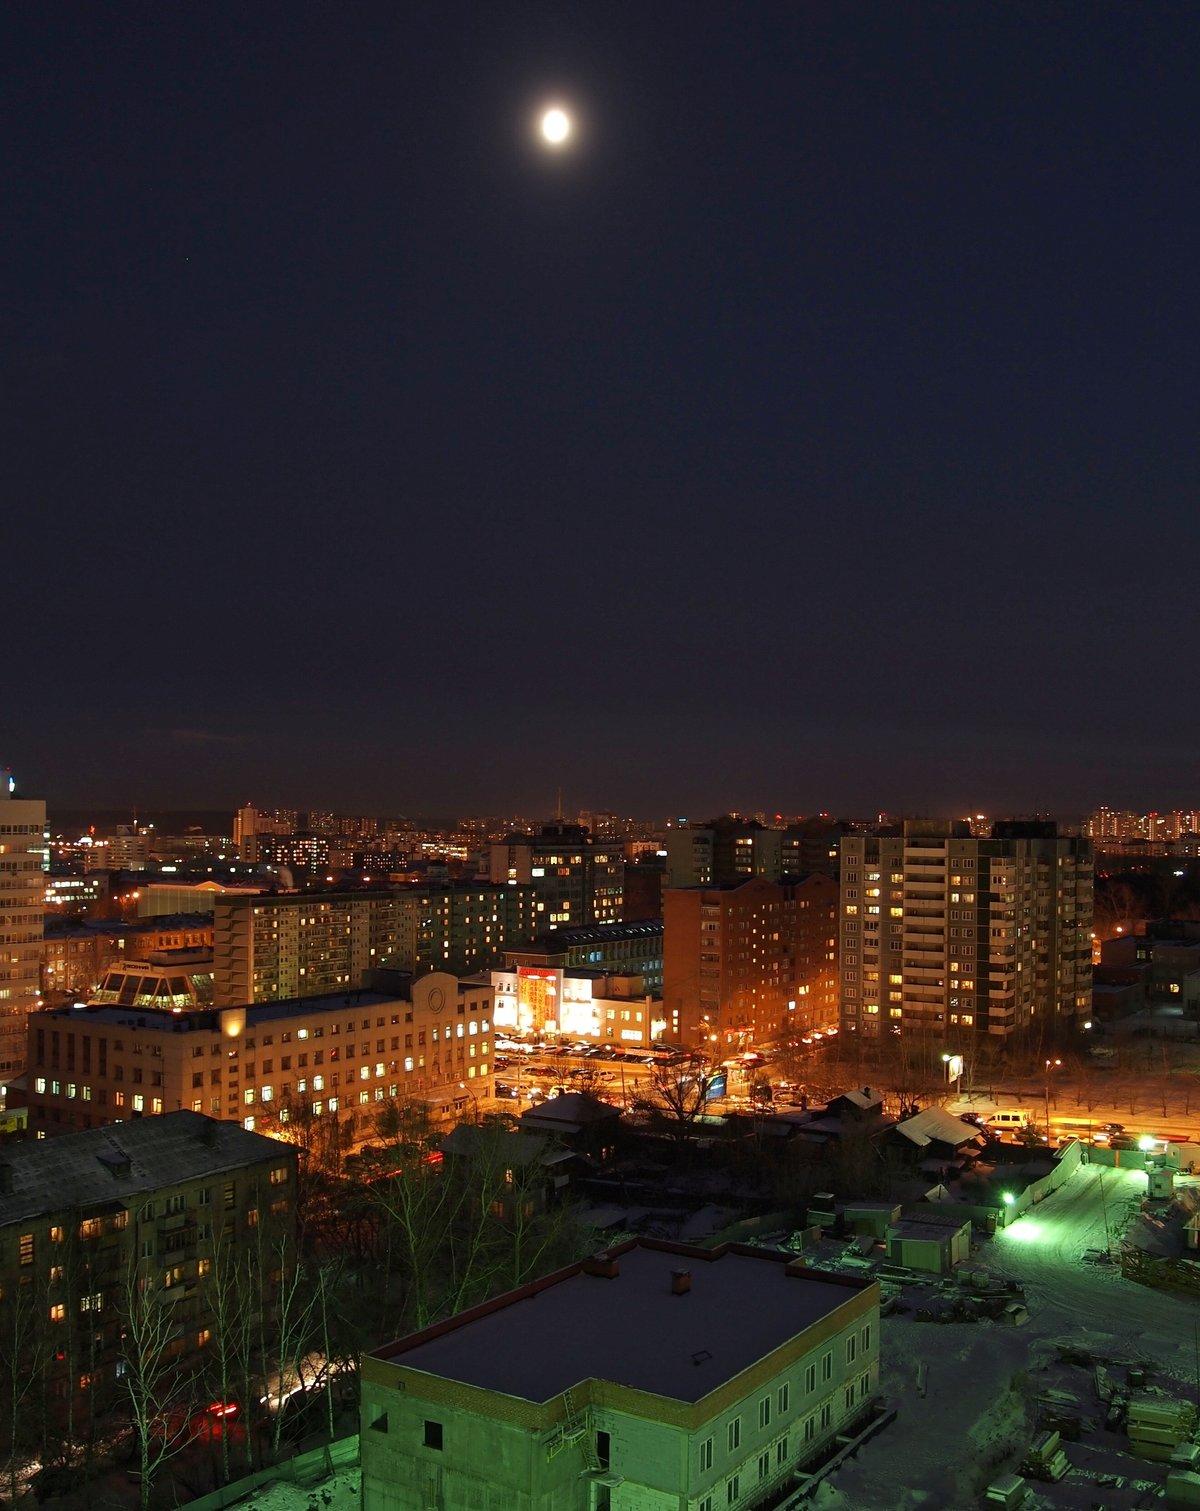 этом фото с крыши на ночной город белорусский пойменное озеро